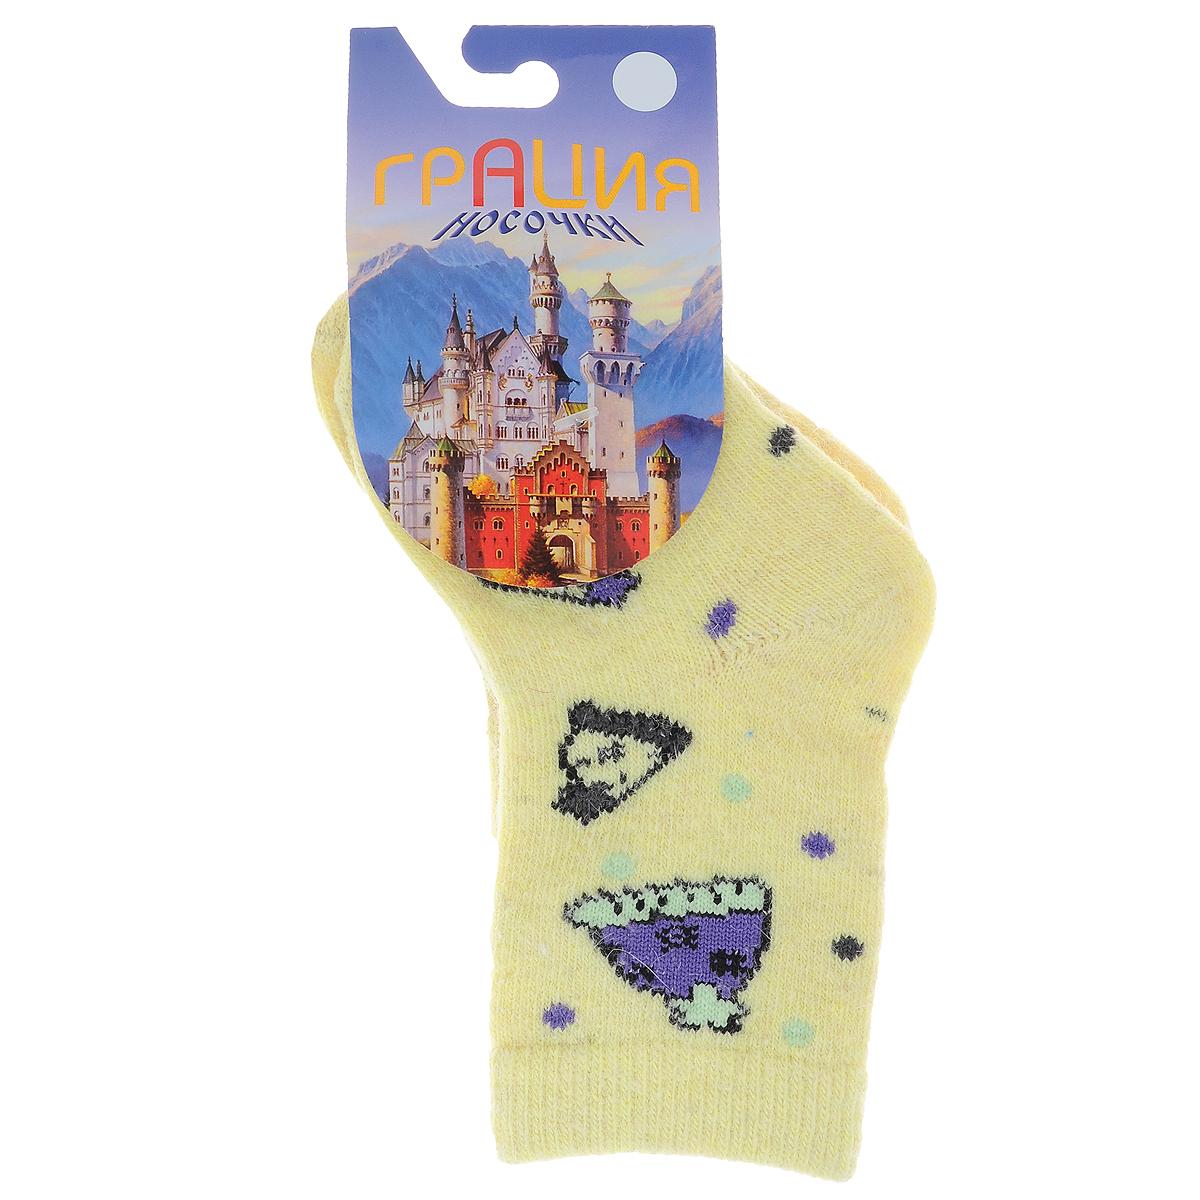 НоскиД 2303_10Детские теплые носки Грация - прекрасный вариант для вашего ребенка. Они изготовлены из экологически чистой пряжи смешанного состава, очень мягкие на ощупь, не раздражают даже самую нежную и чувствительную кожу. Носки имеют анатомическую двубортную резинку и плоский шов на мыске. Оформлена модель вязаным рисунком в виде шапочек и цветных горошин. Они послужат замечательным дополнением к детскому гардеробу и сохранят ножки вашего ребенка в тепле!